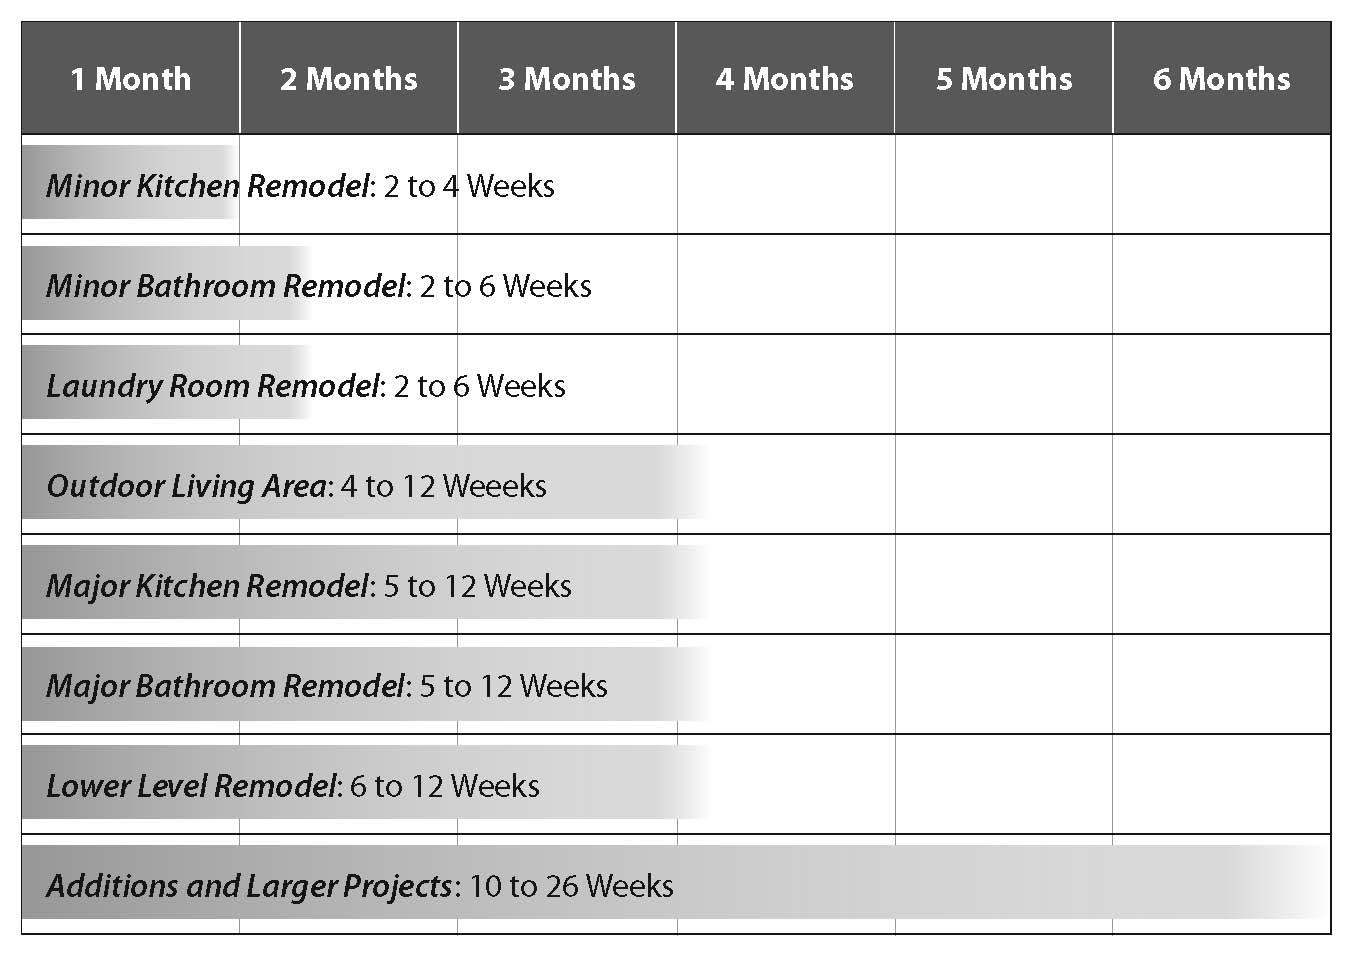 Remodeling Project Timeline